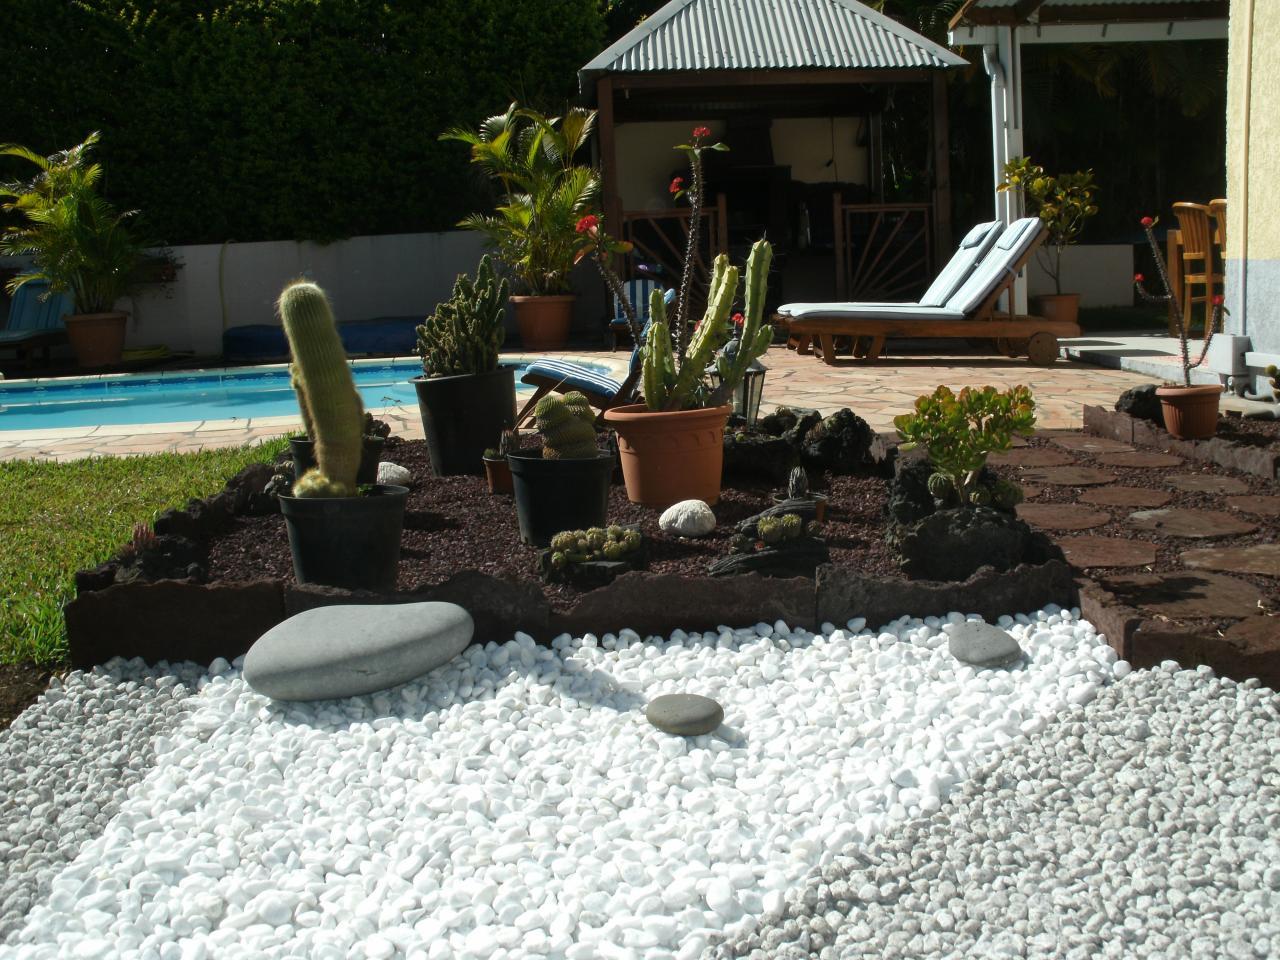 galets, cactus et barbecue en arrière